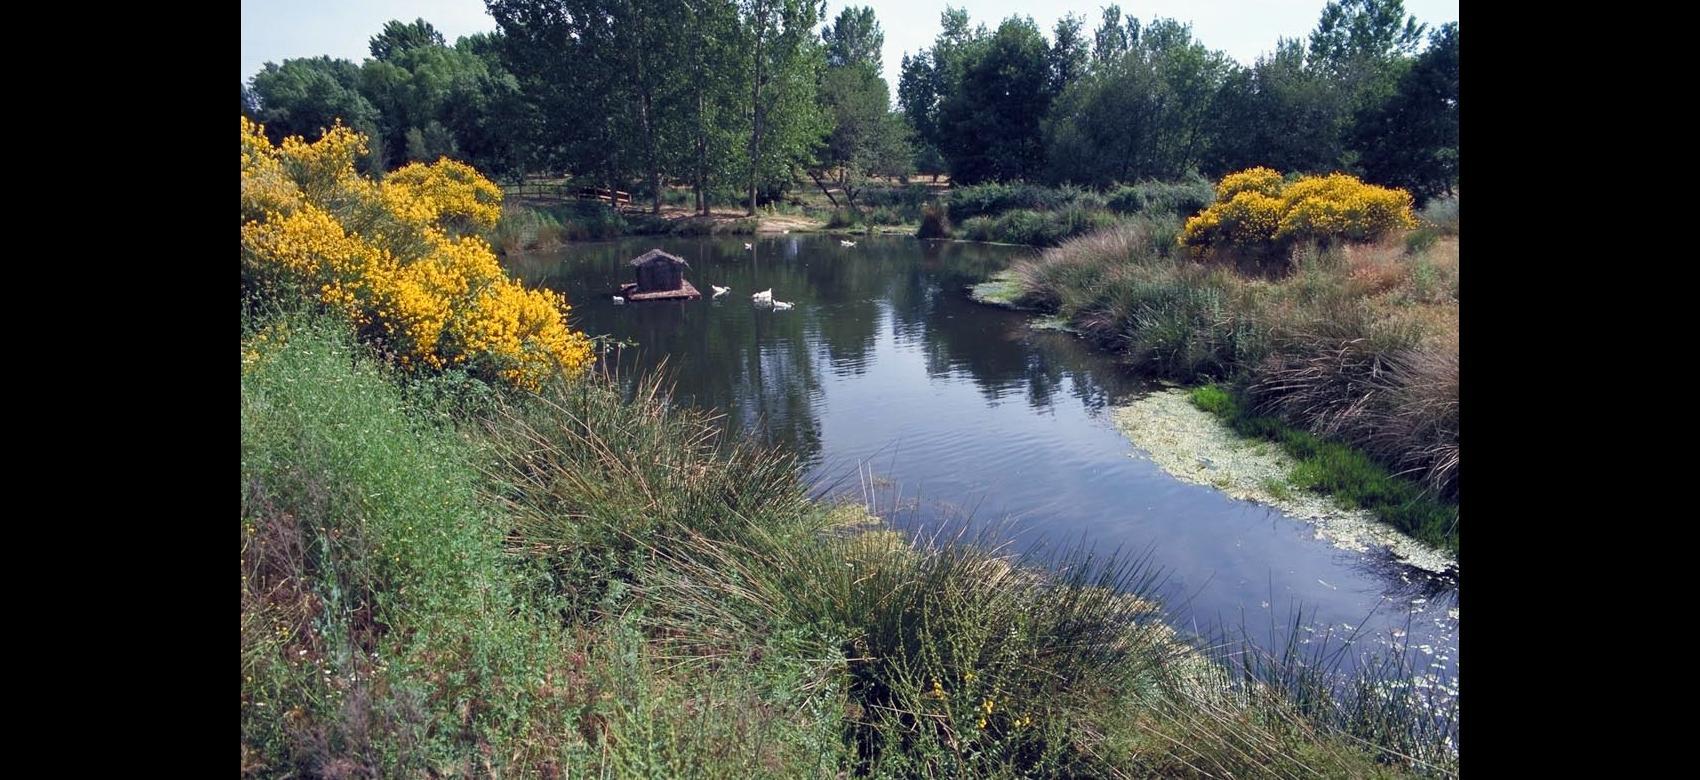 Parque Lineal del río Guadalix